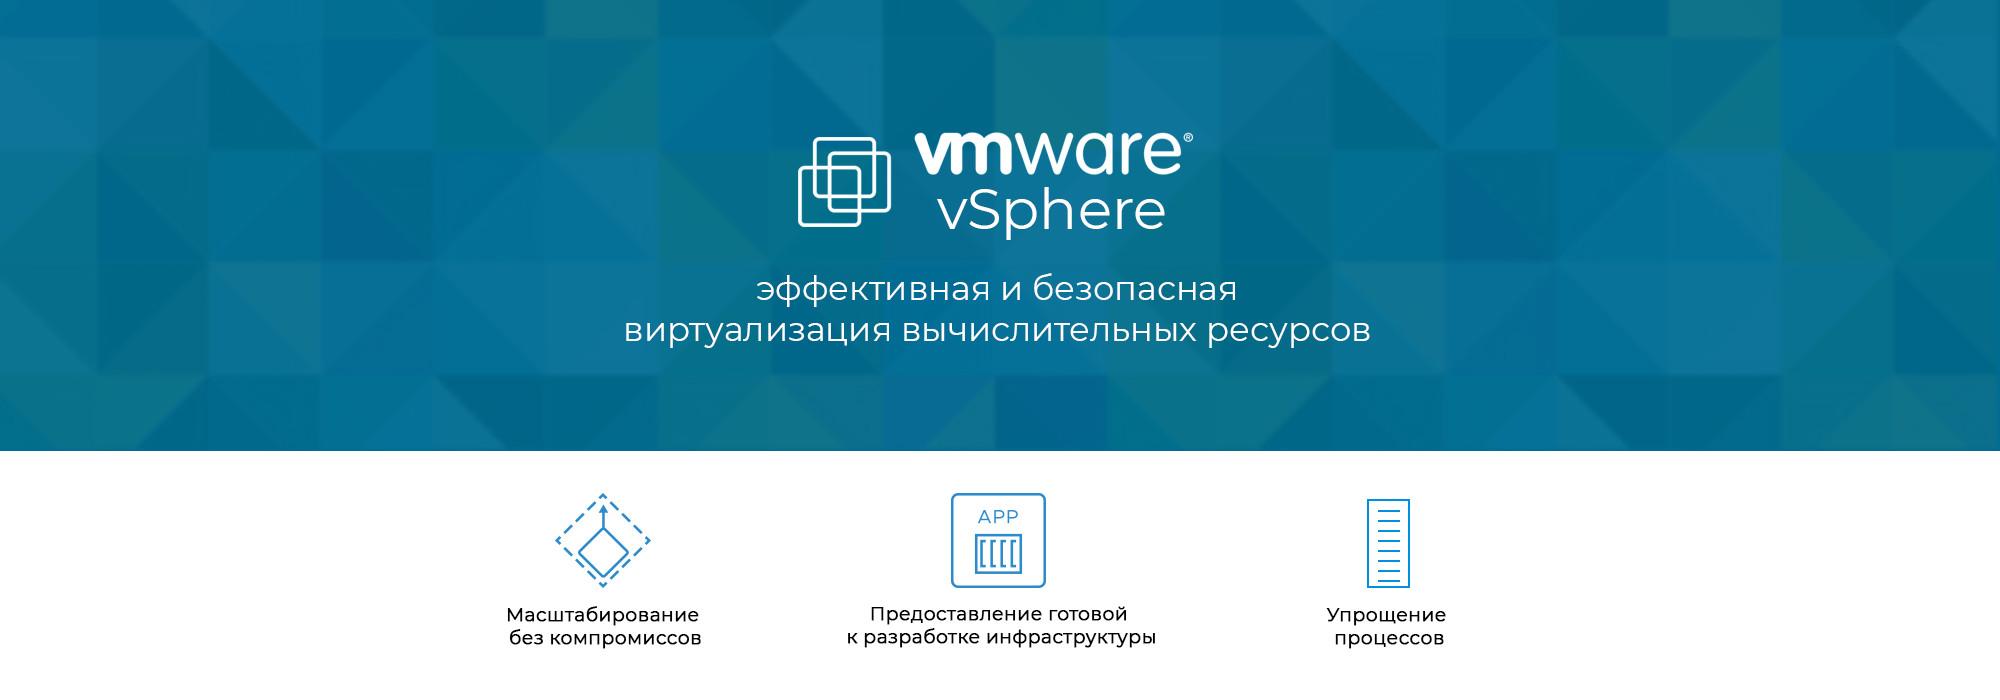 vmware-vsphere-виртуализация-вычислительных-ресурсов